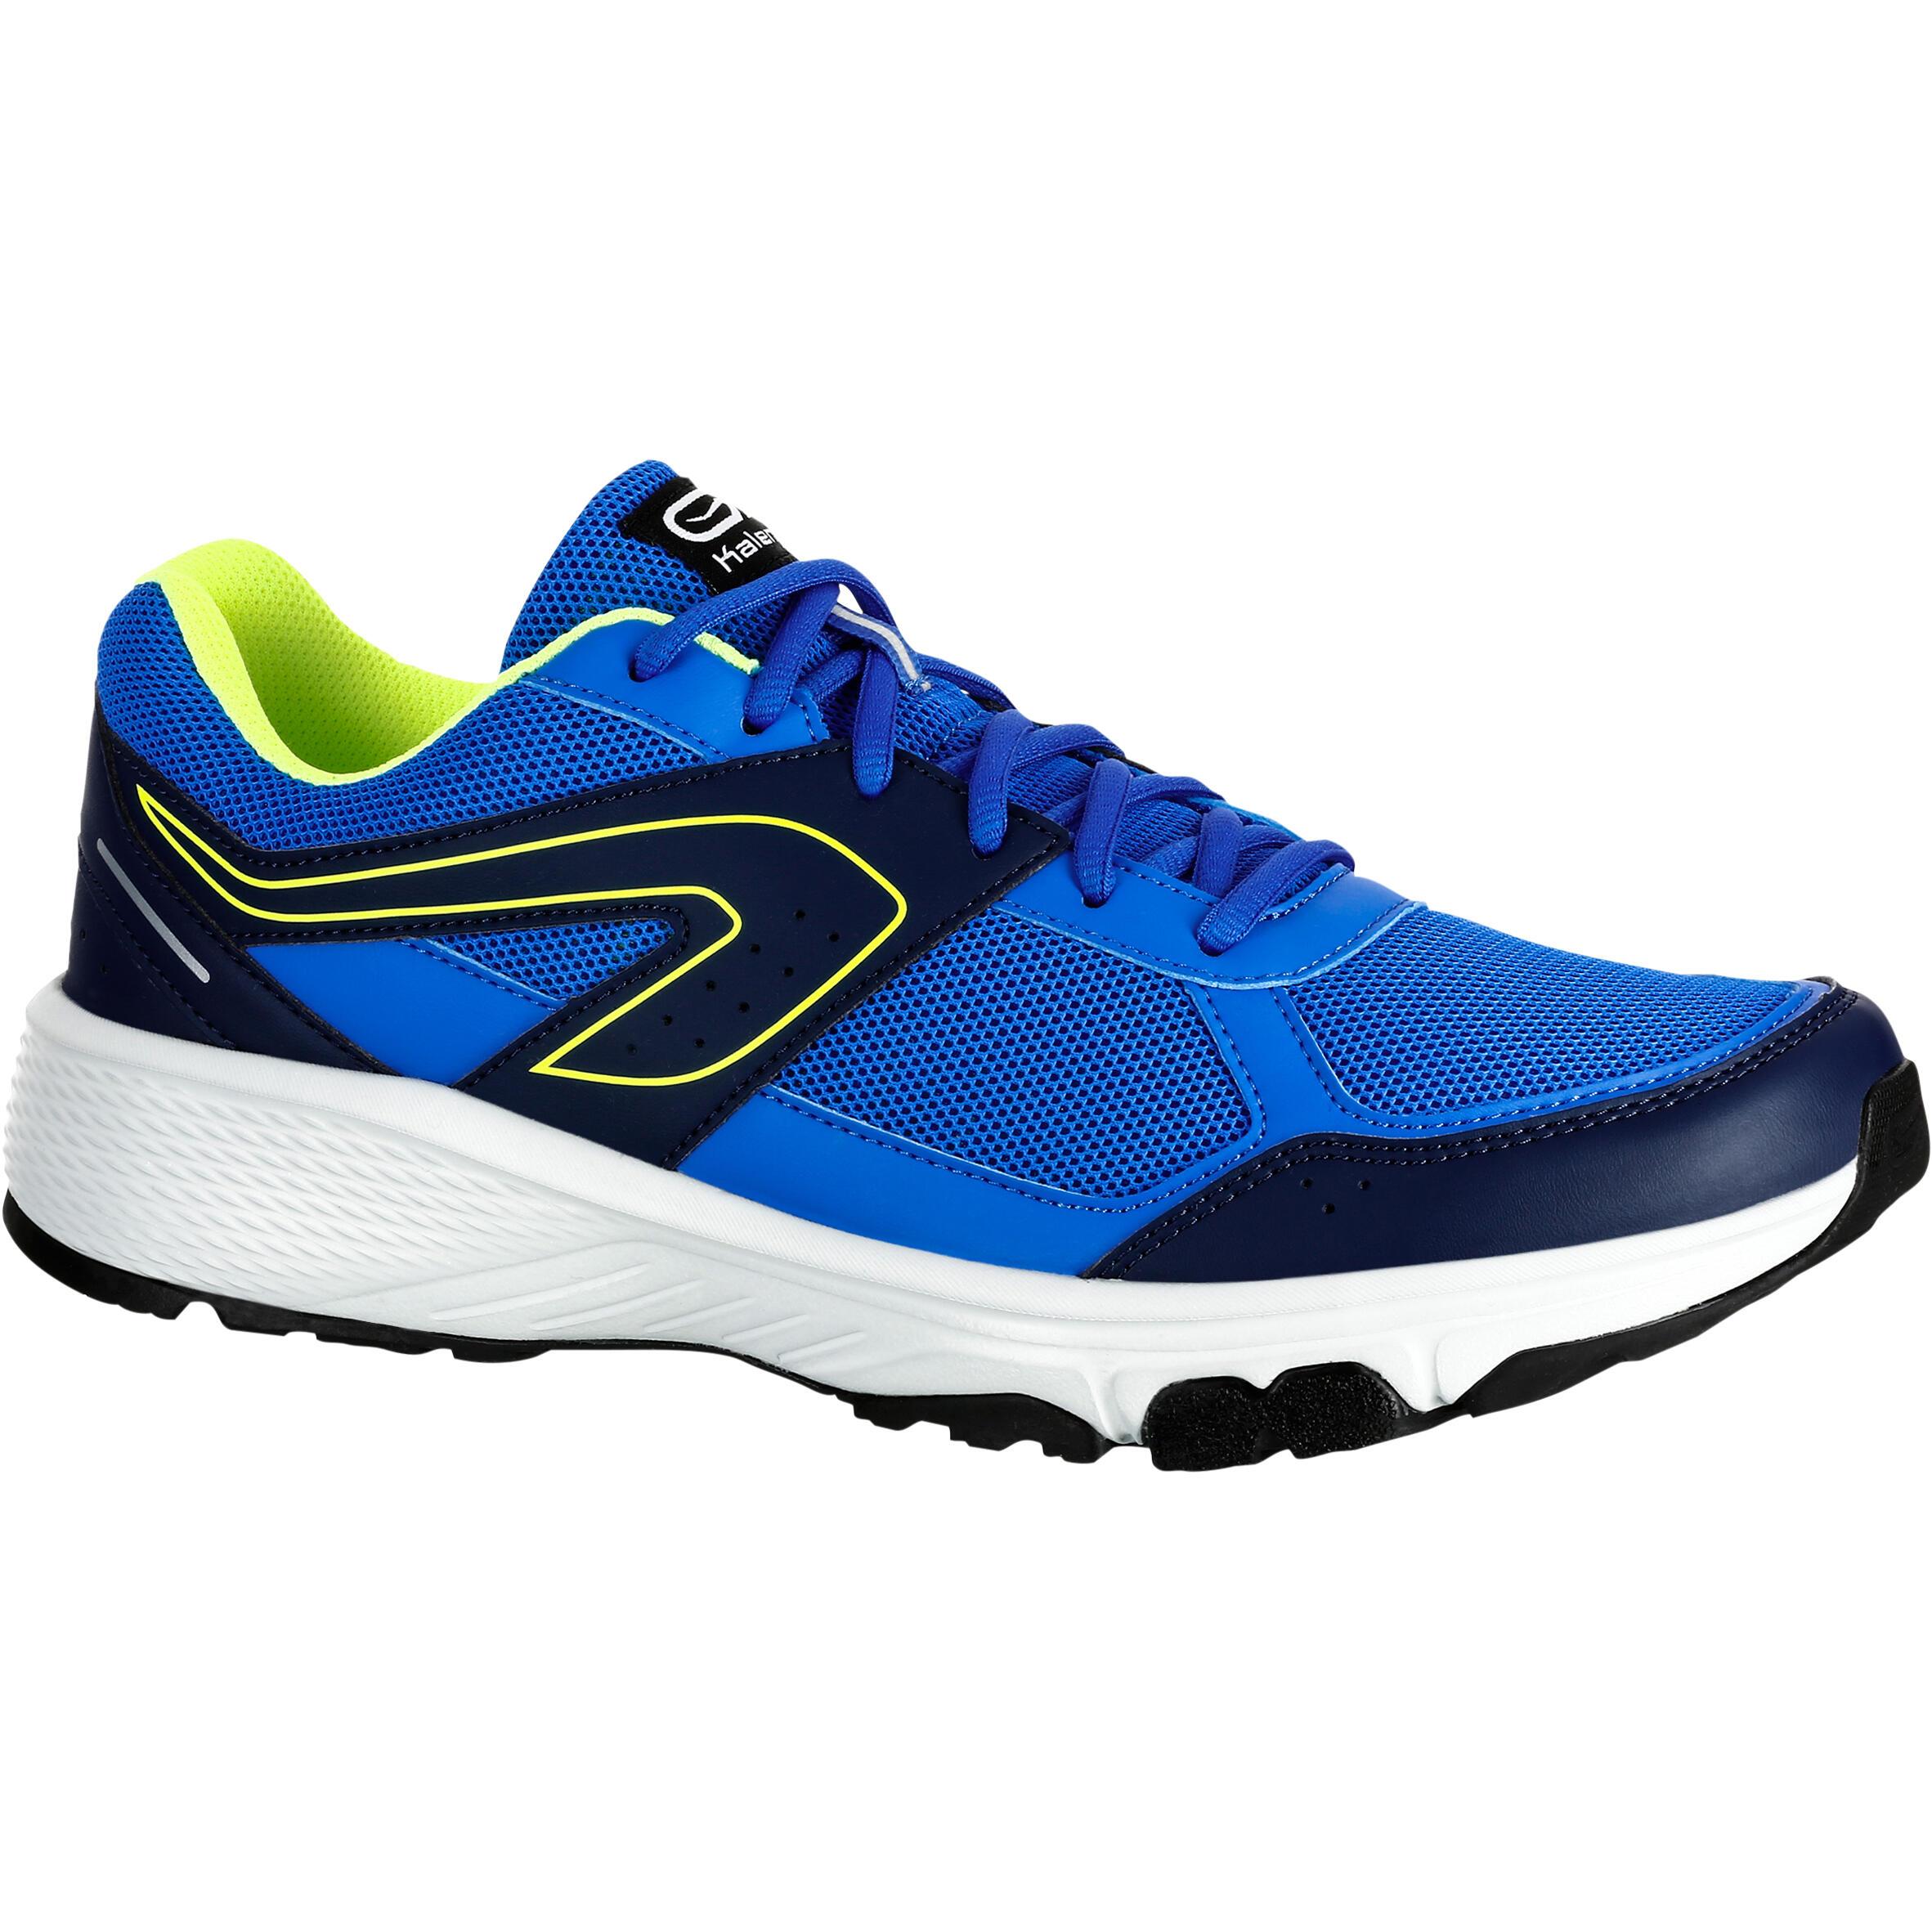 Kalenji Hardloopschoenen voor heren Run Cushion Grip blauw